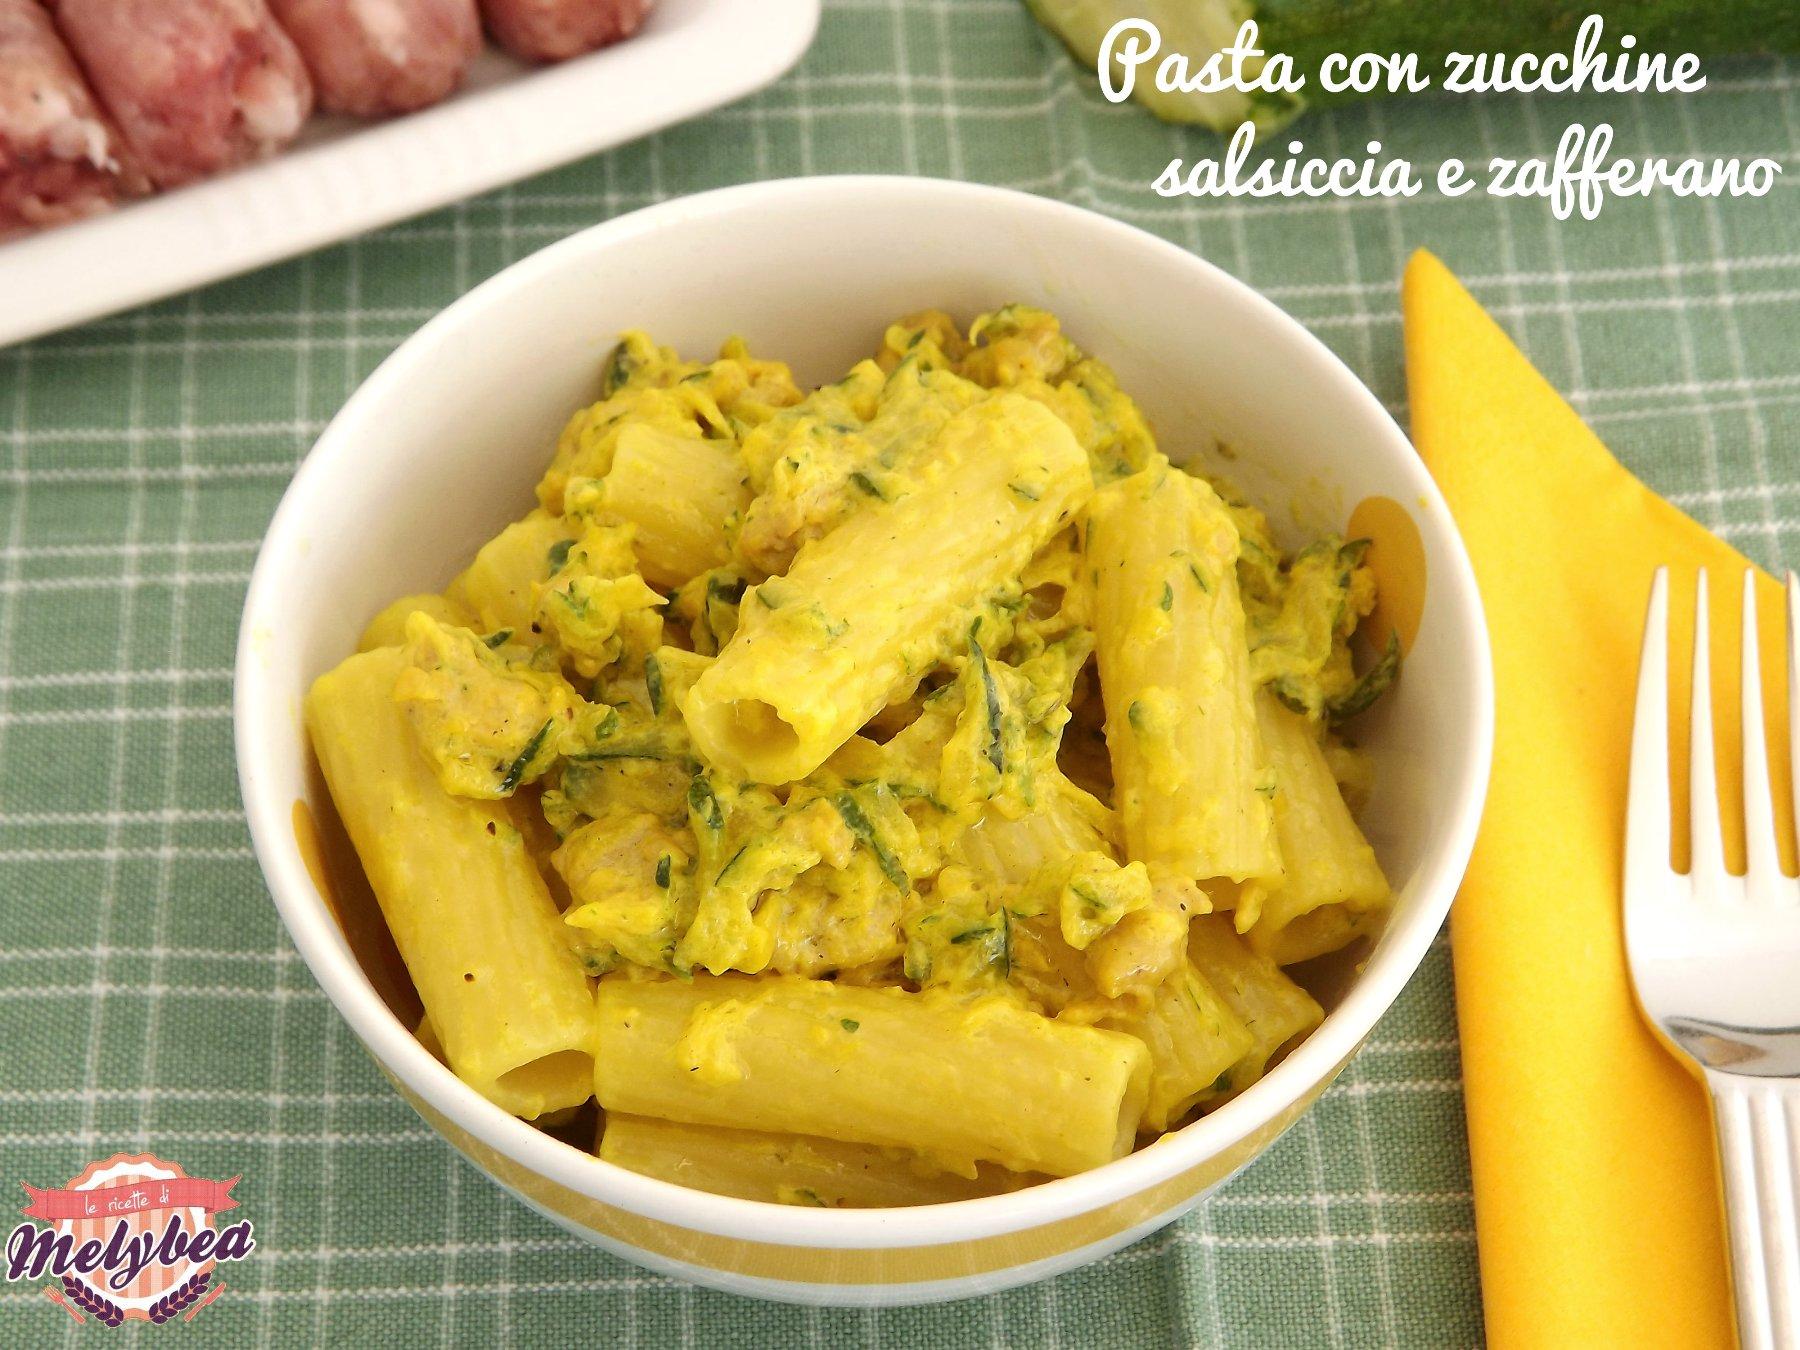 pasta con zucchine salsiccia e zafferano